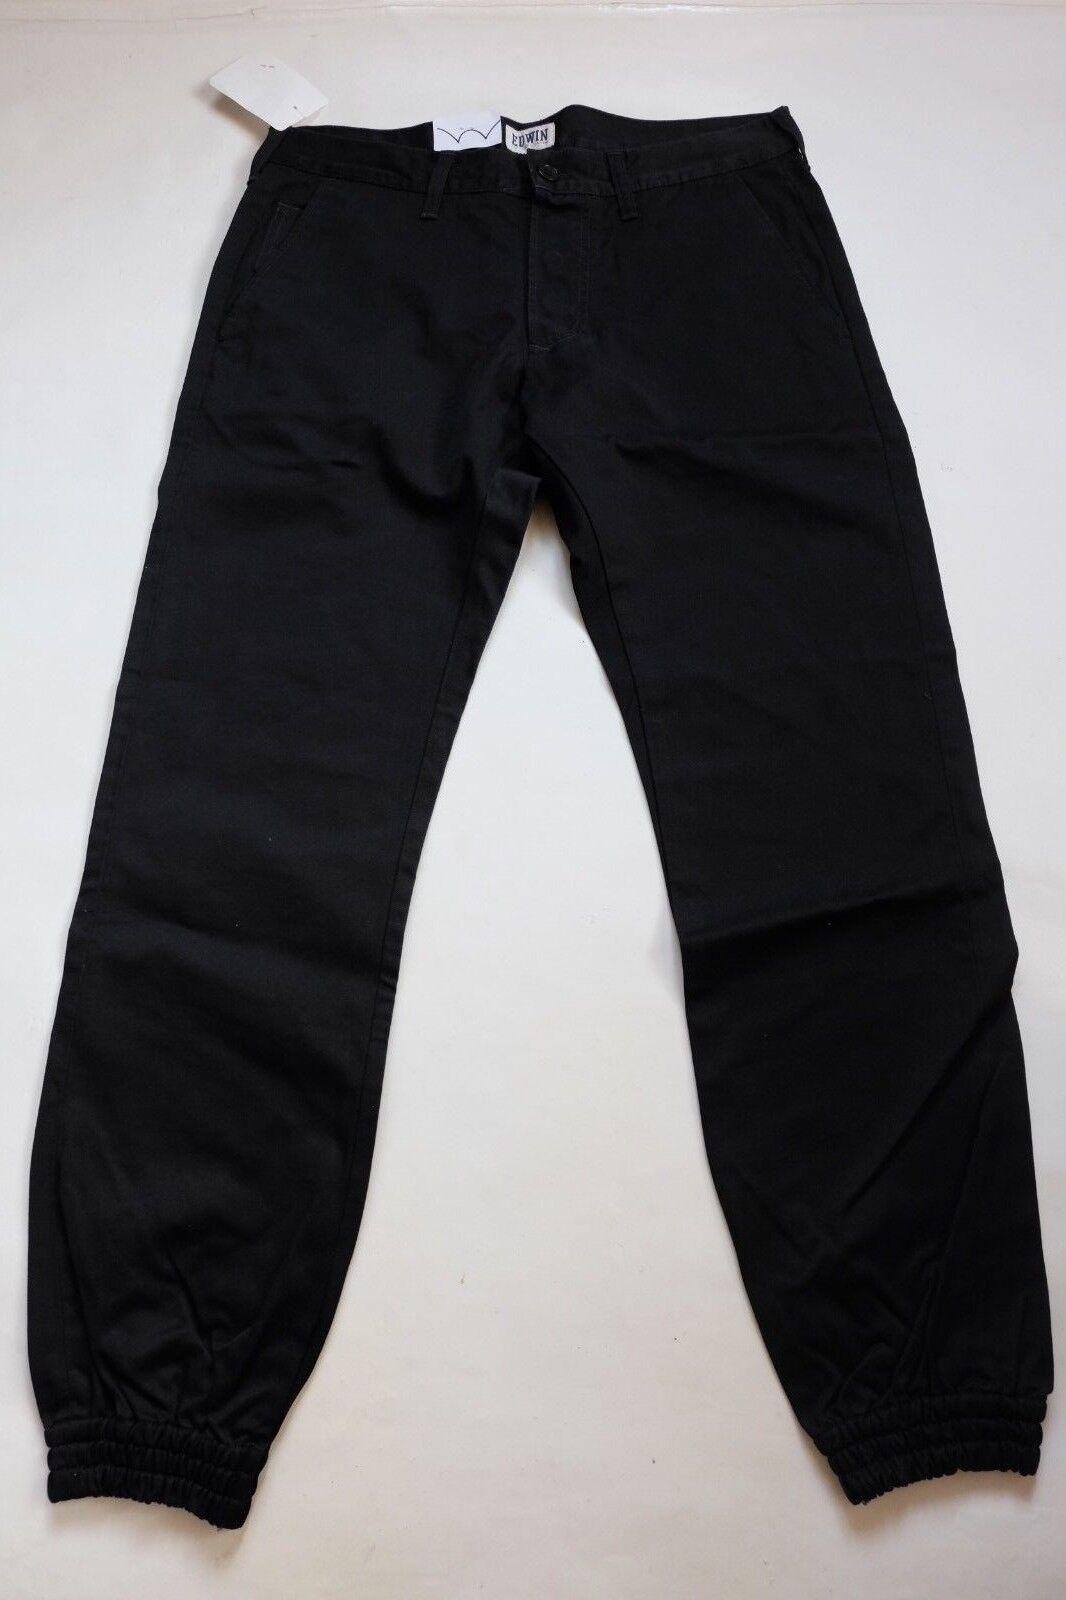 Hose EDWIN Herren 55 JOGGER Hose (compact -schwarz gewaschen) W28 L00 wert     | Guter weltweiter Ruf  | Ausgezeichnetes Handwerk  | Mama kaufte ein bequemes, Baby ist glücklich